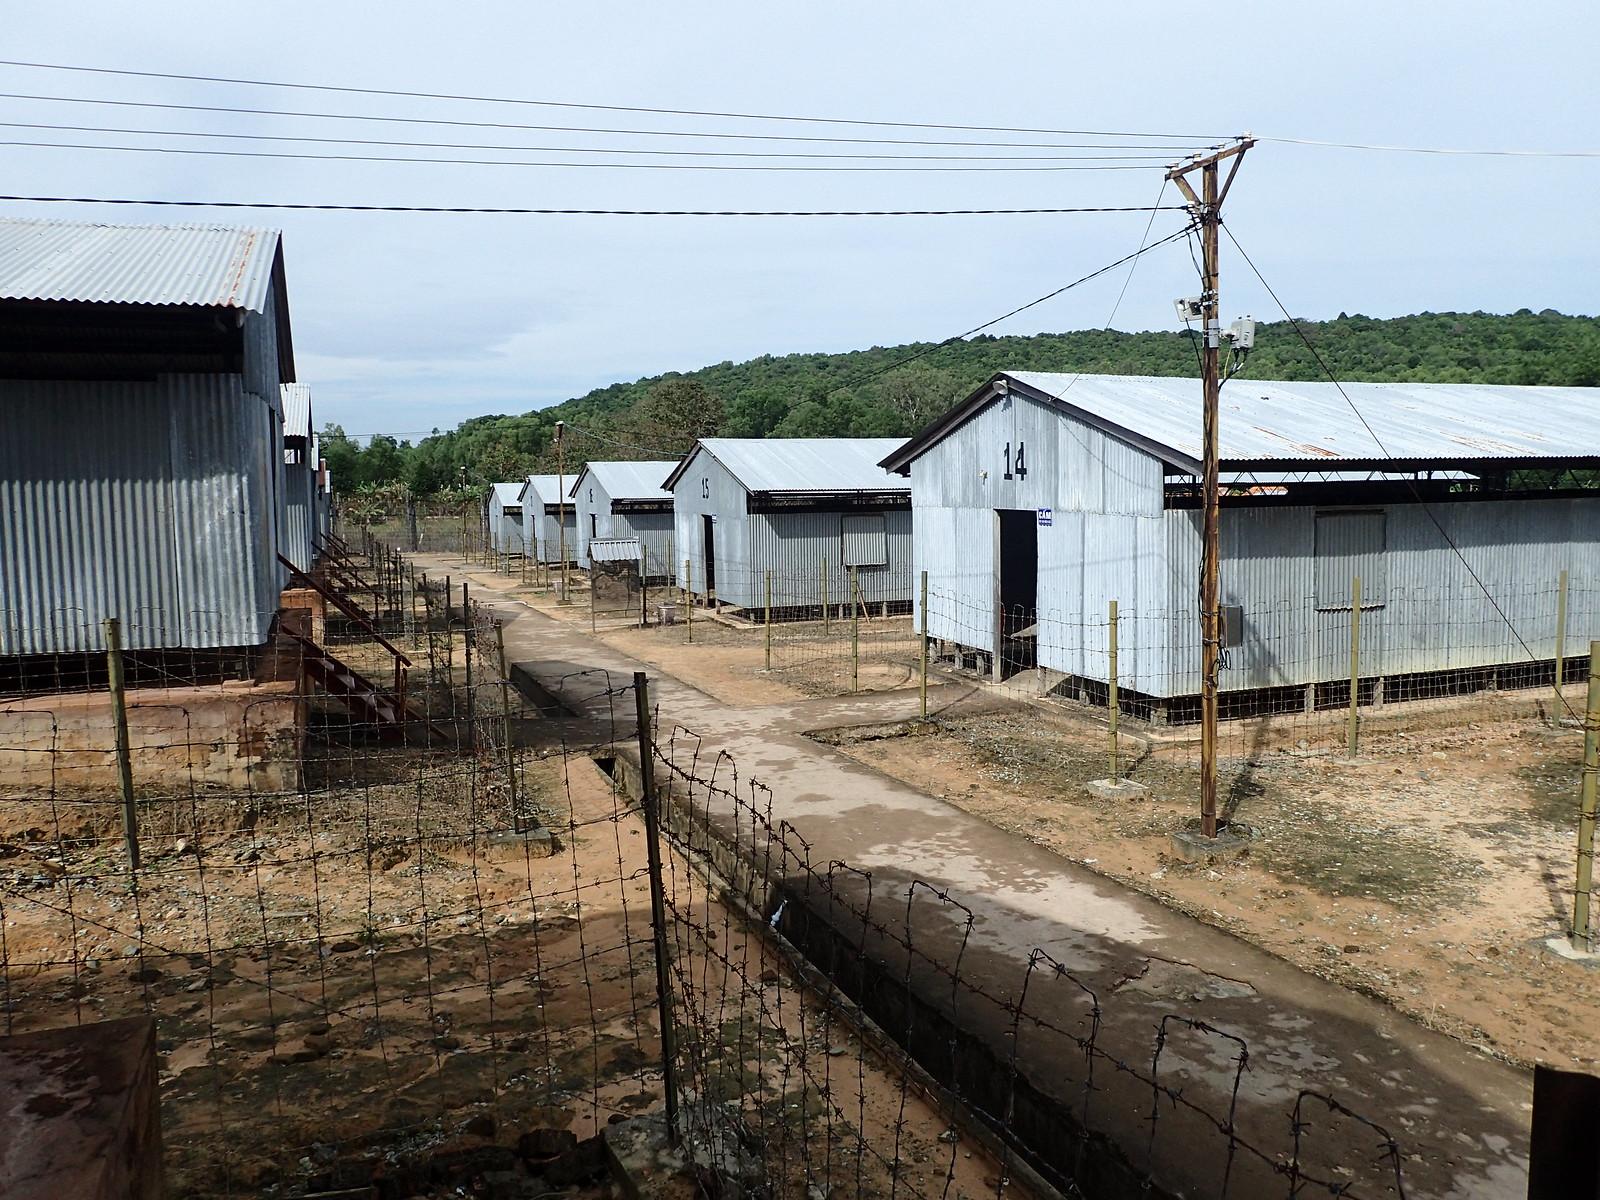 Phu Quoc Prison in Phu Quoc, Vietnam